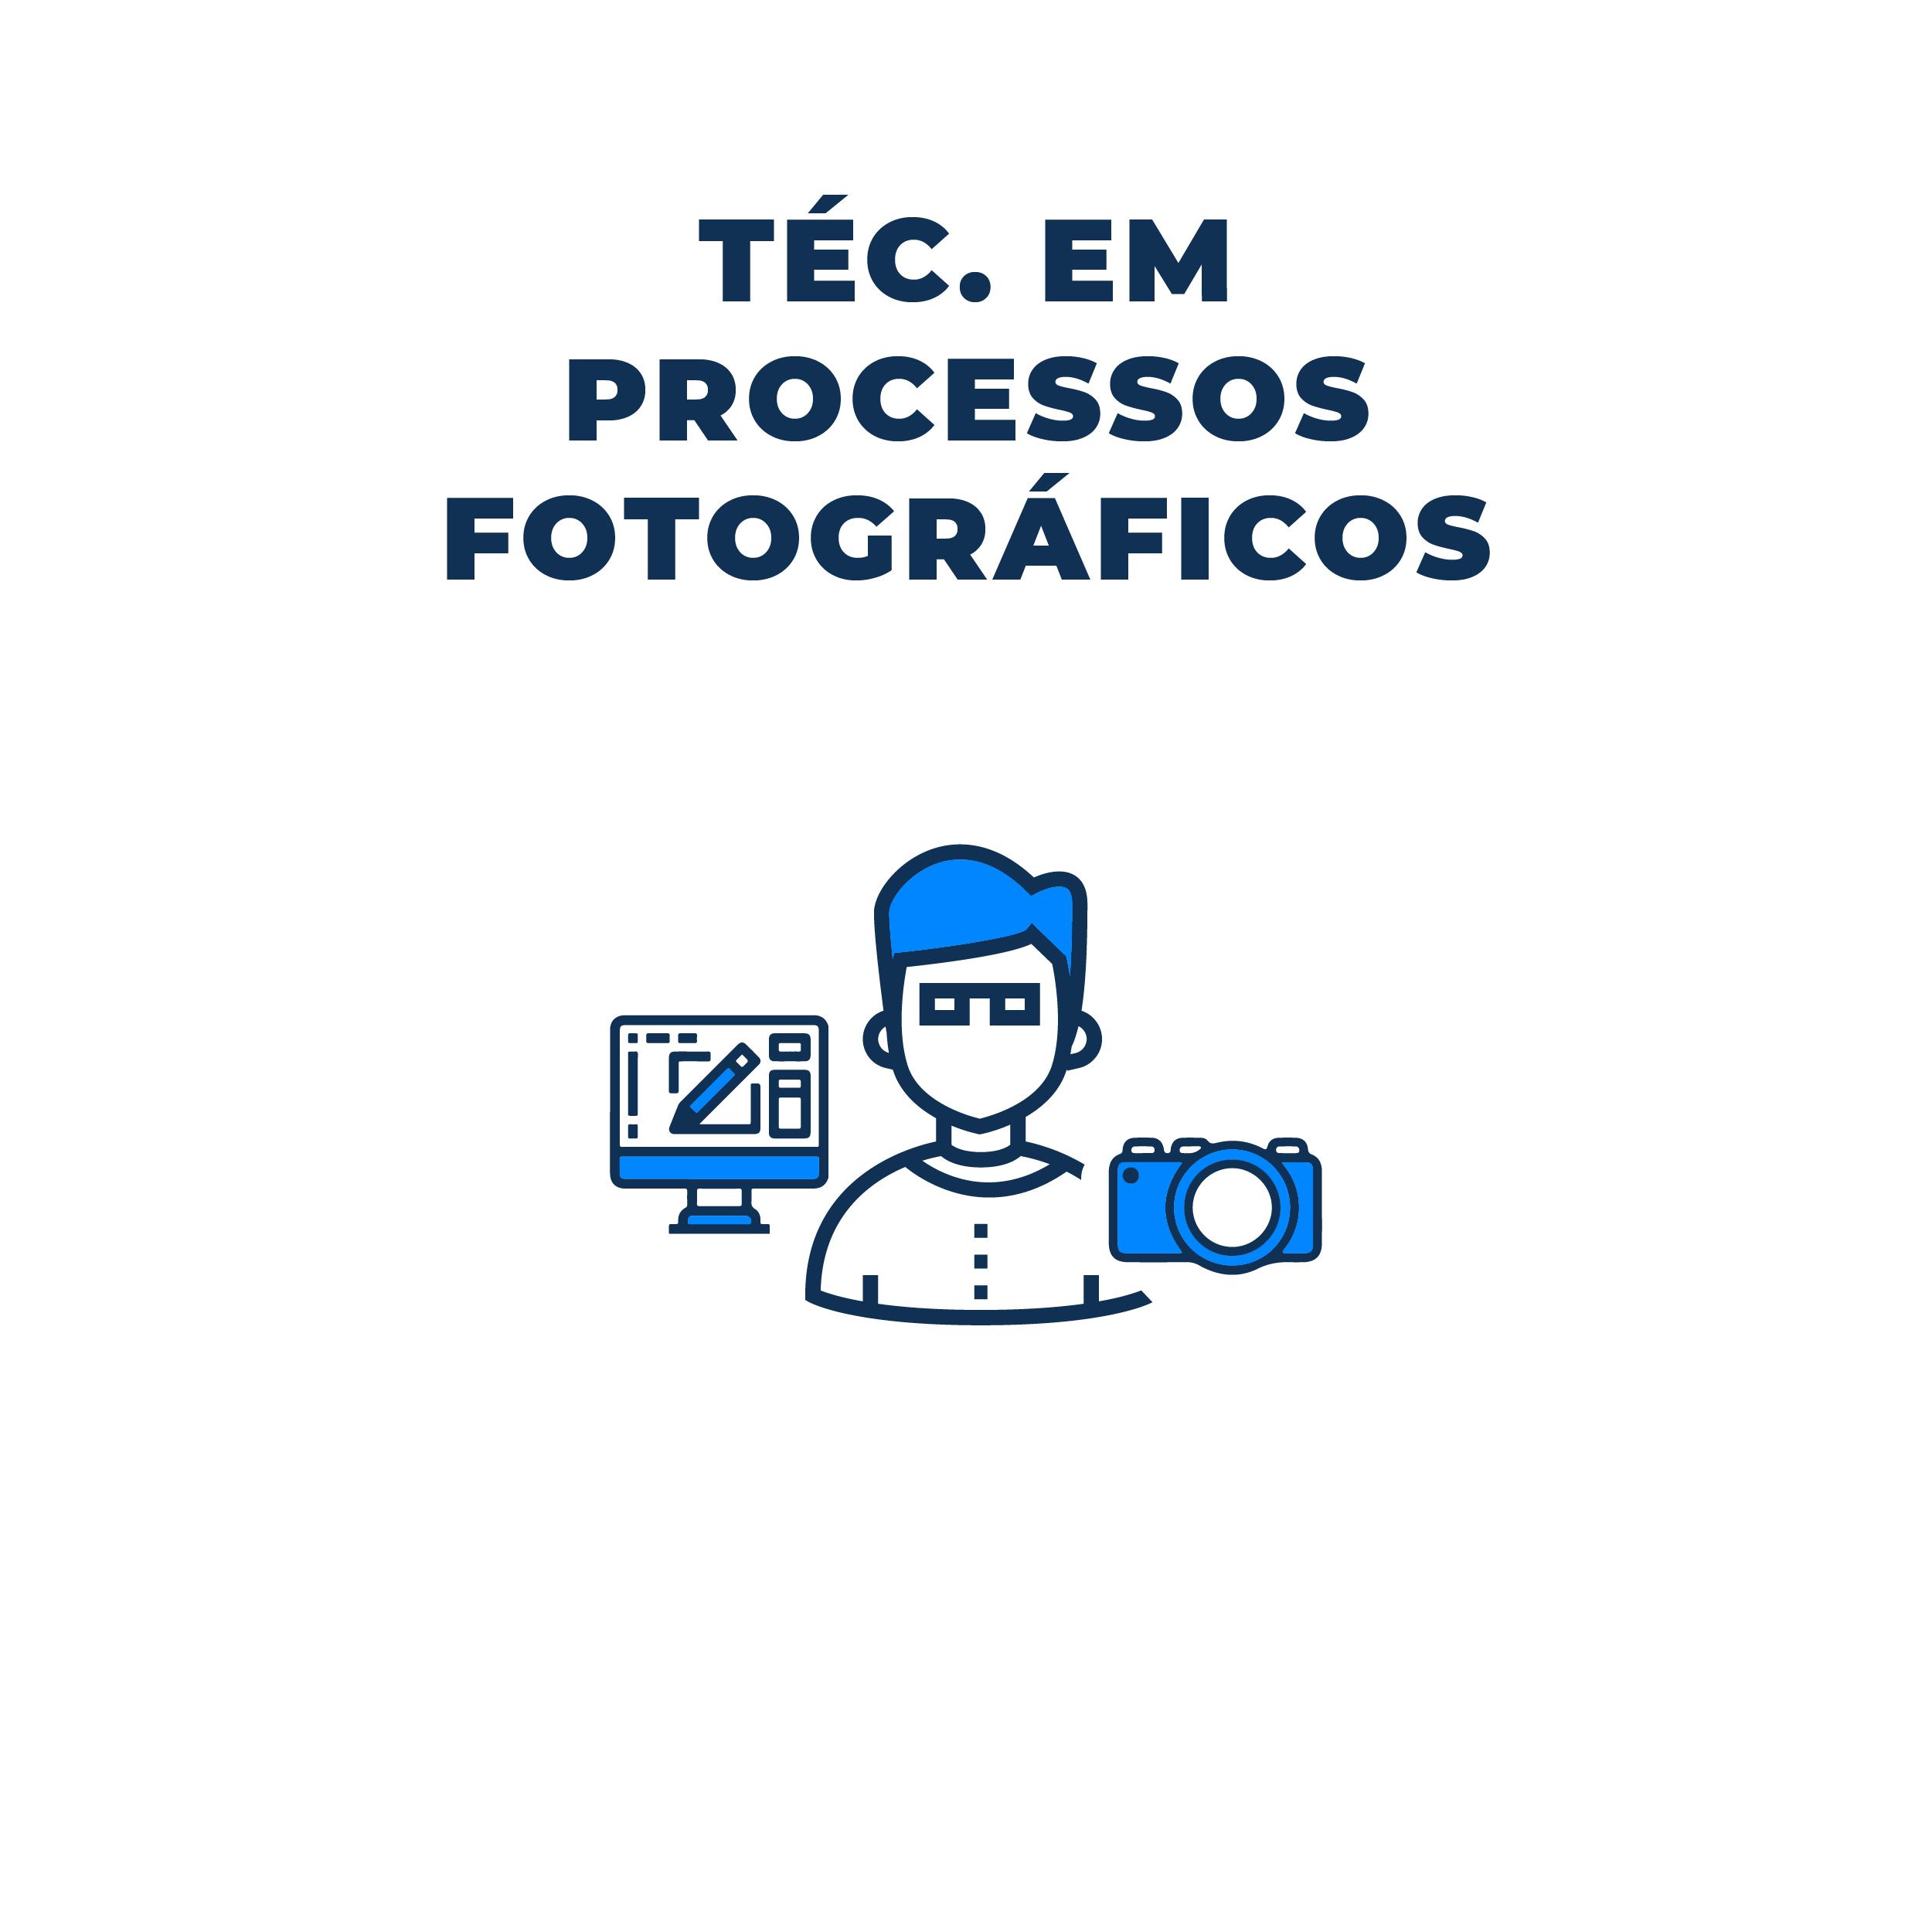 fotograficos